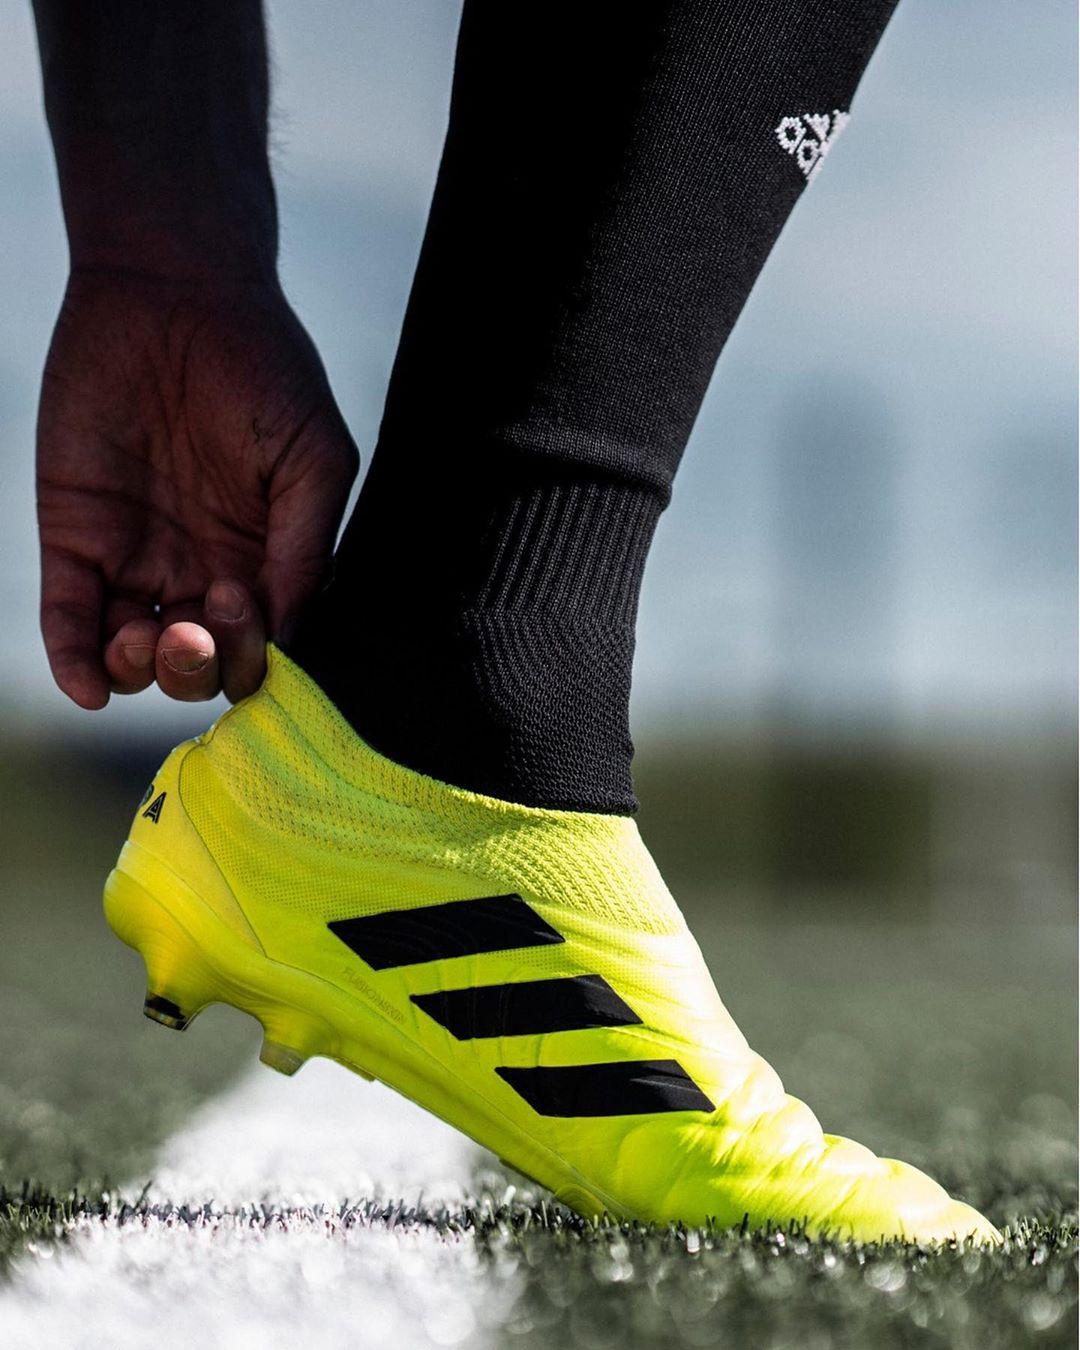 A Copa faz parte do novo pack de chuteiras da Adidas